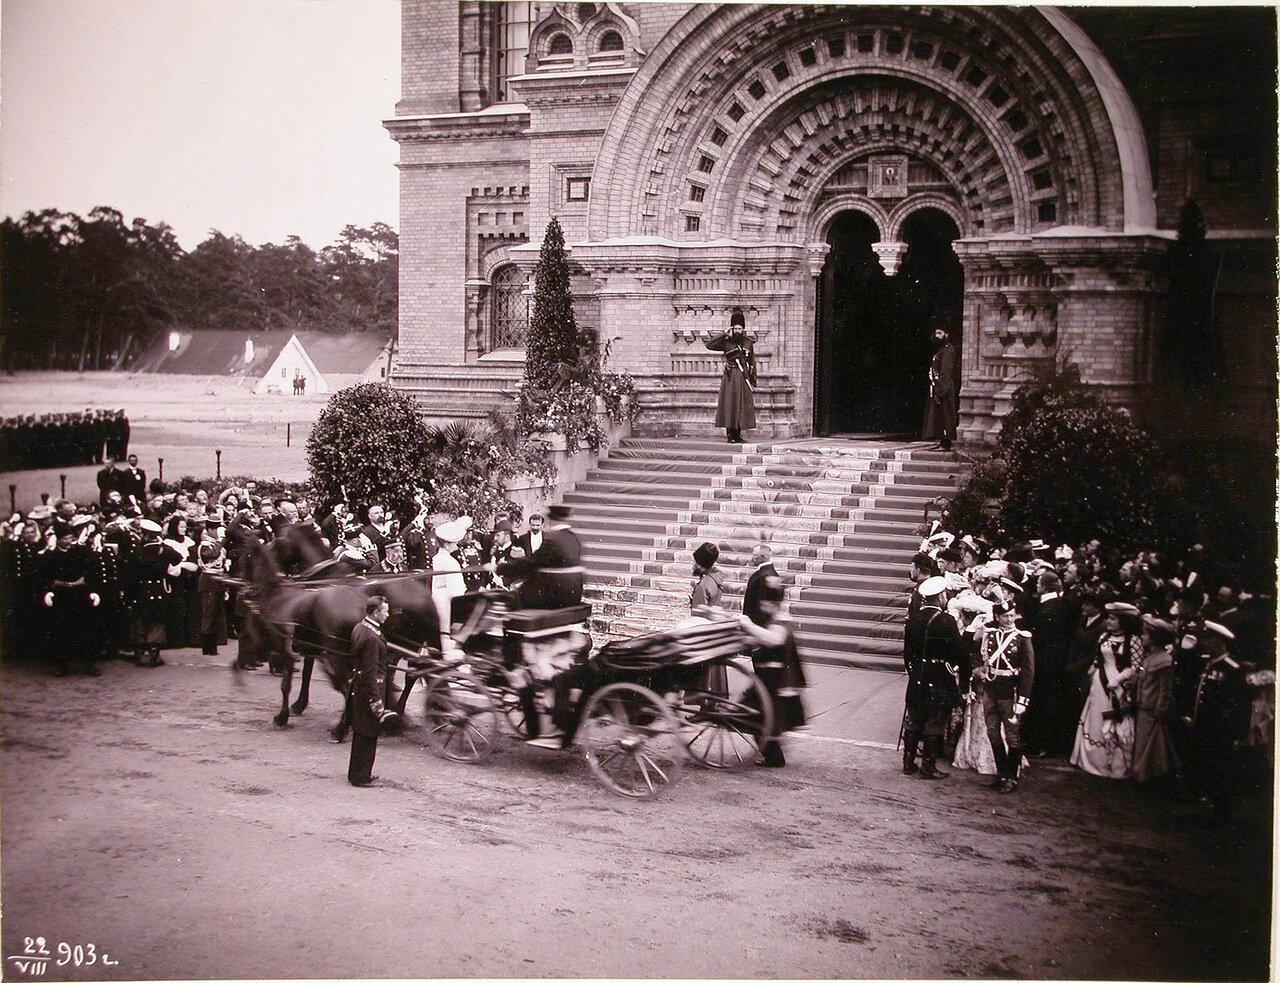 Группа военных, казаки собственного его императорского величества конвоя, горожане встречают прибывающих для освящения Морского собора императора Николая II и императрицу Александру Федоровну